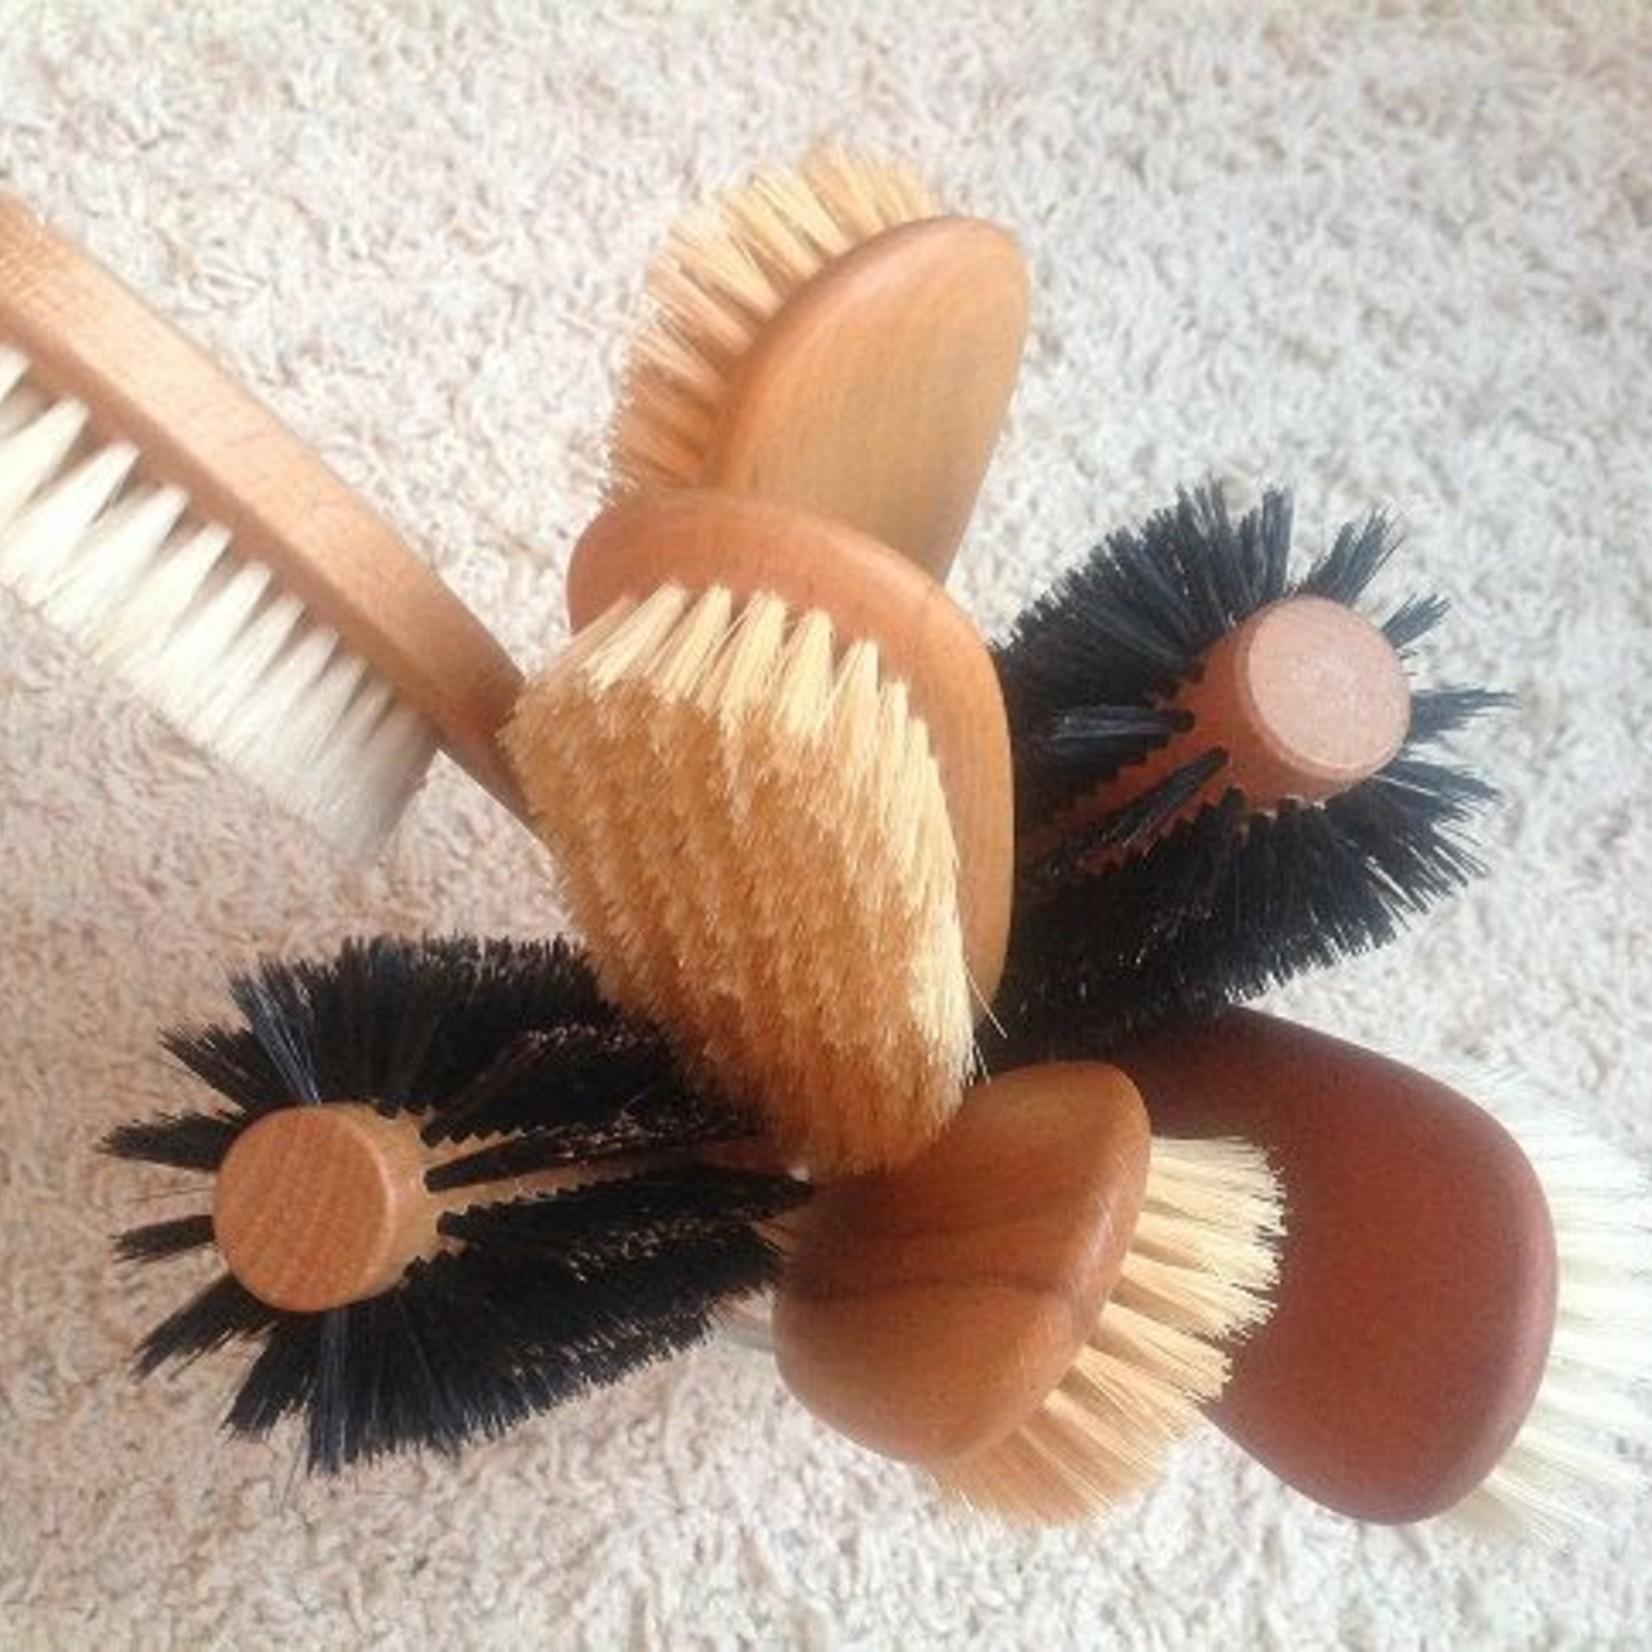 Kost Kamm Mooie natuurlijke haarborstels